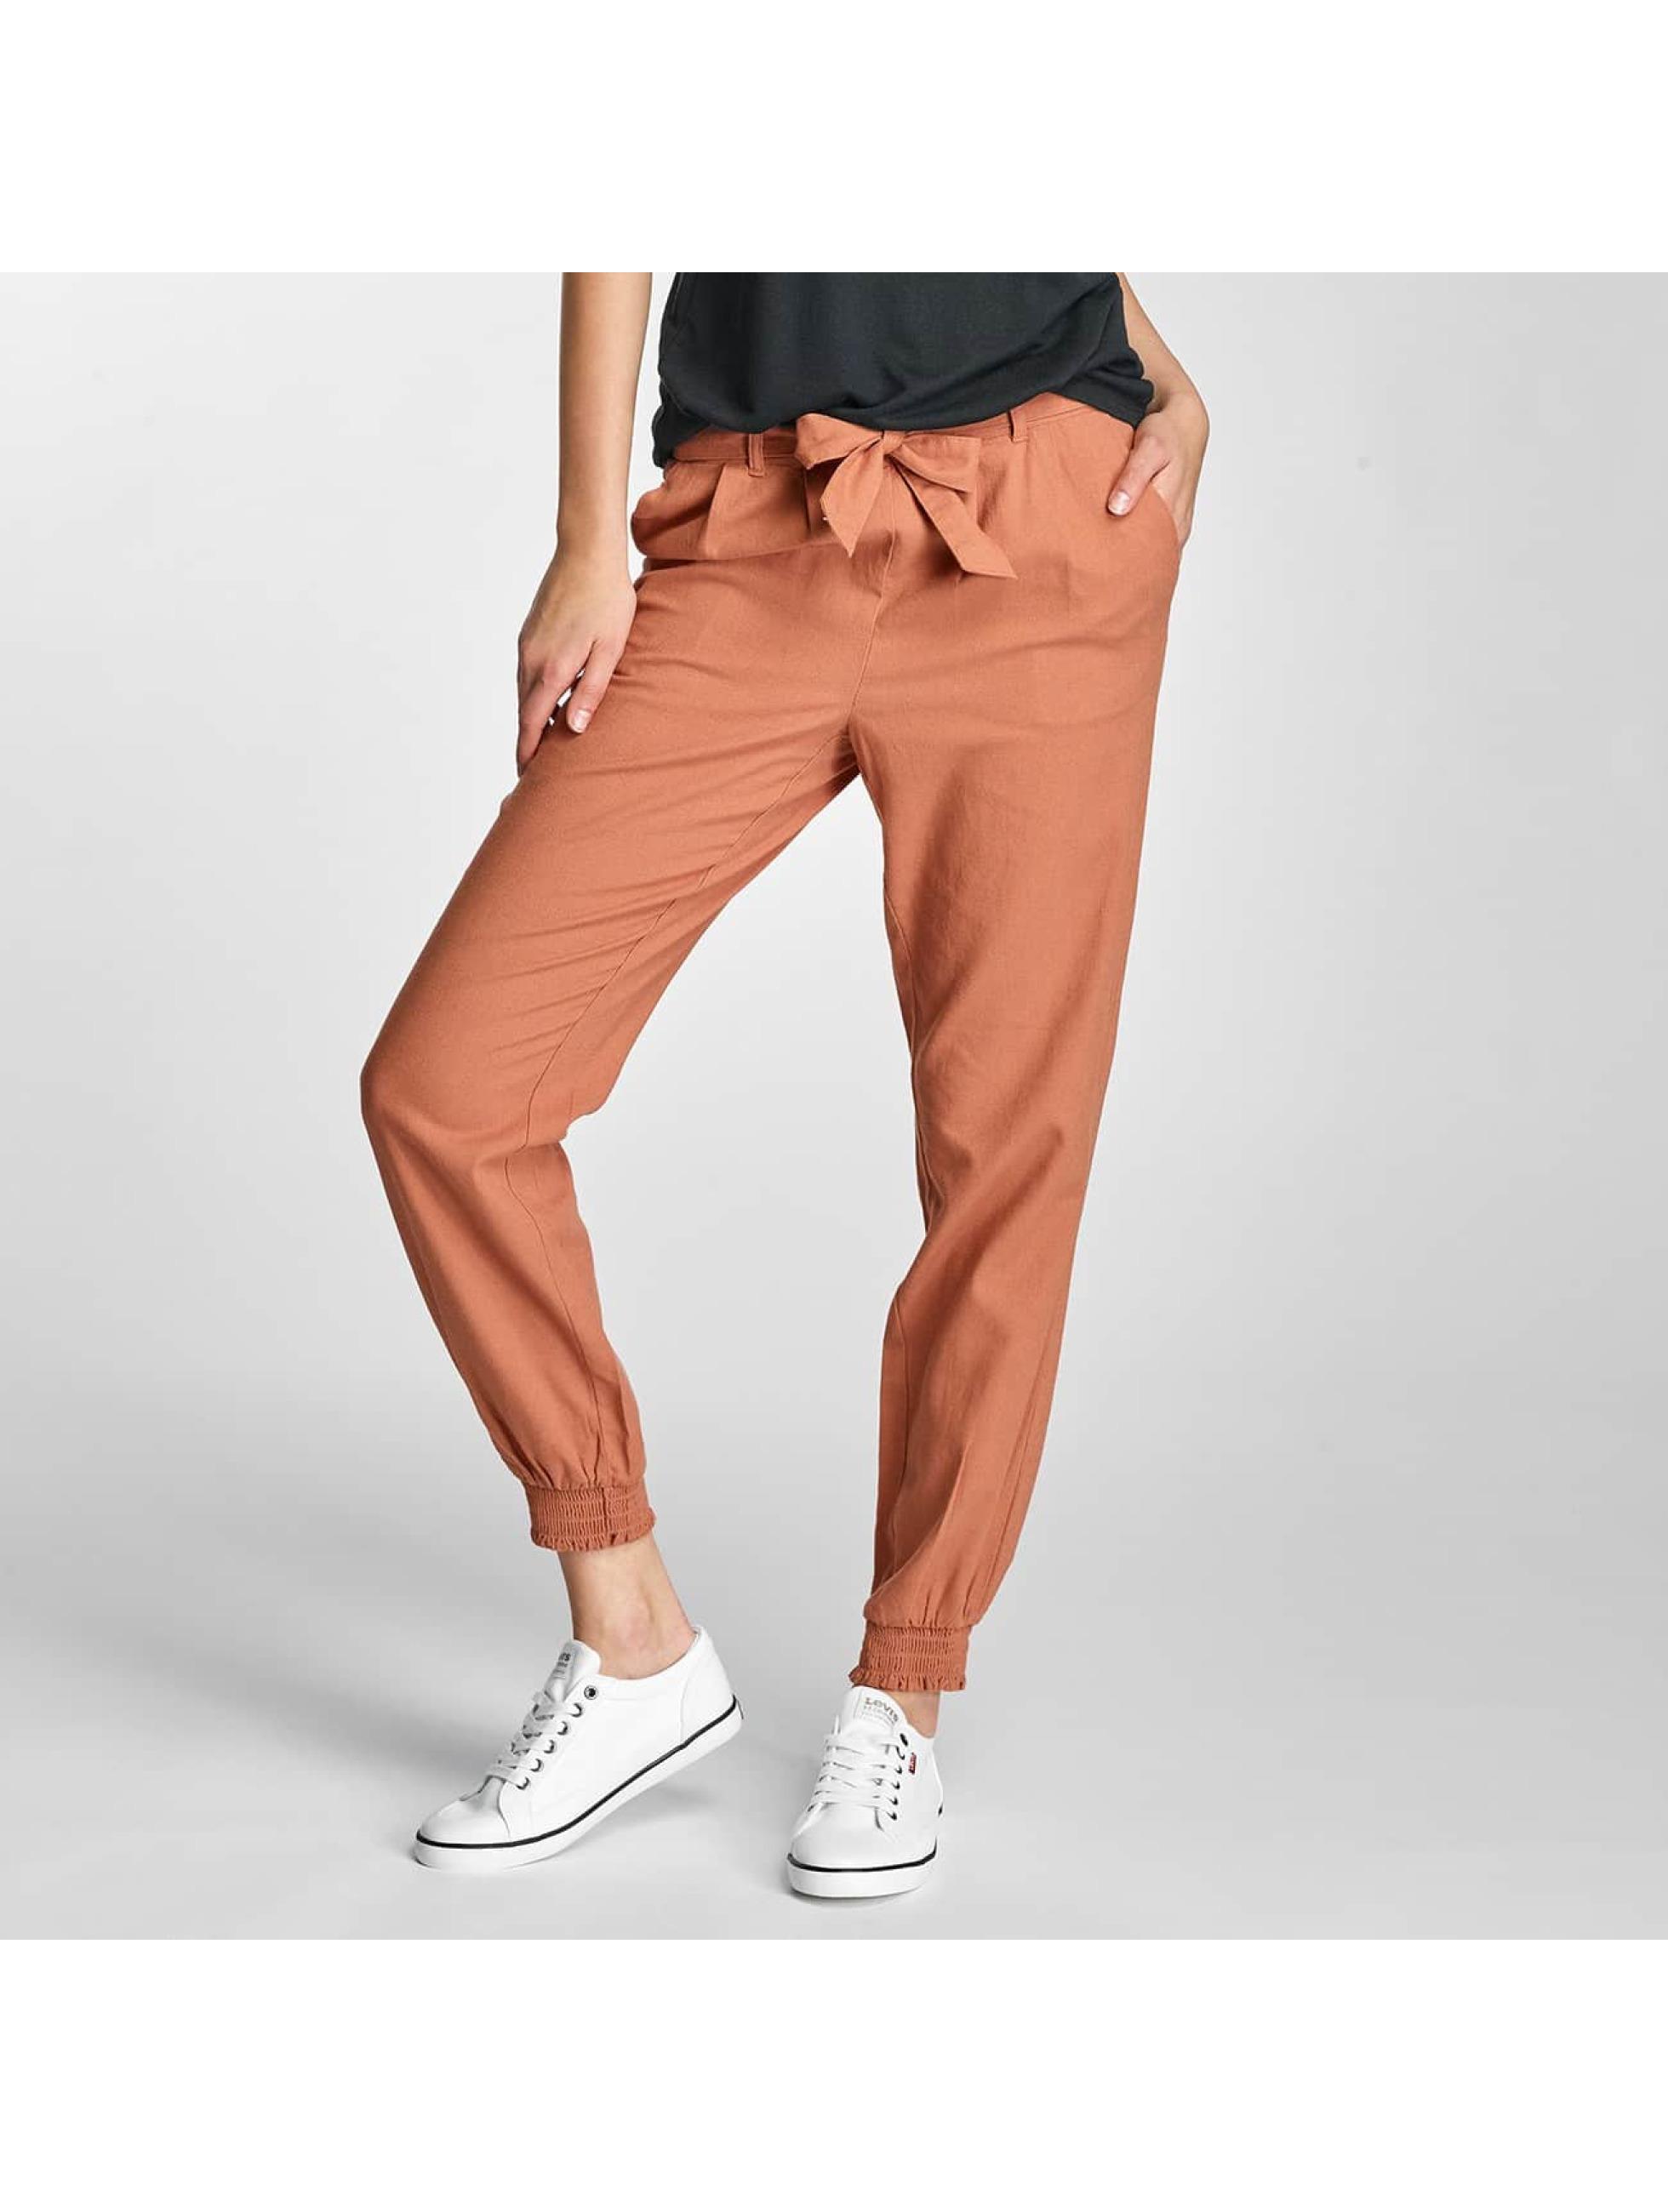 farblich passend professionelle Website heiß-verkaufende Mode Die 10 schönsten Sommerhosen-Trends für Frauen | Defshop Magazin